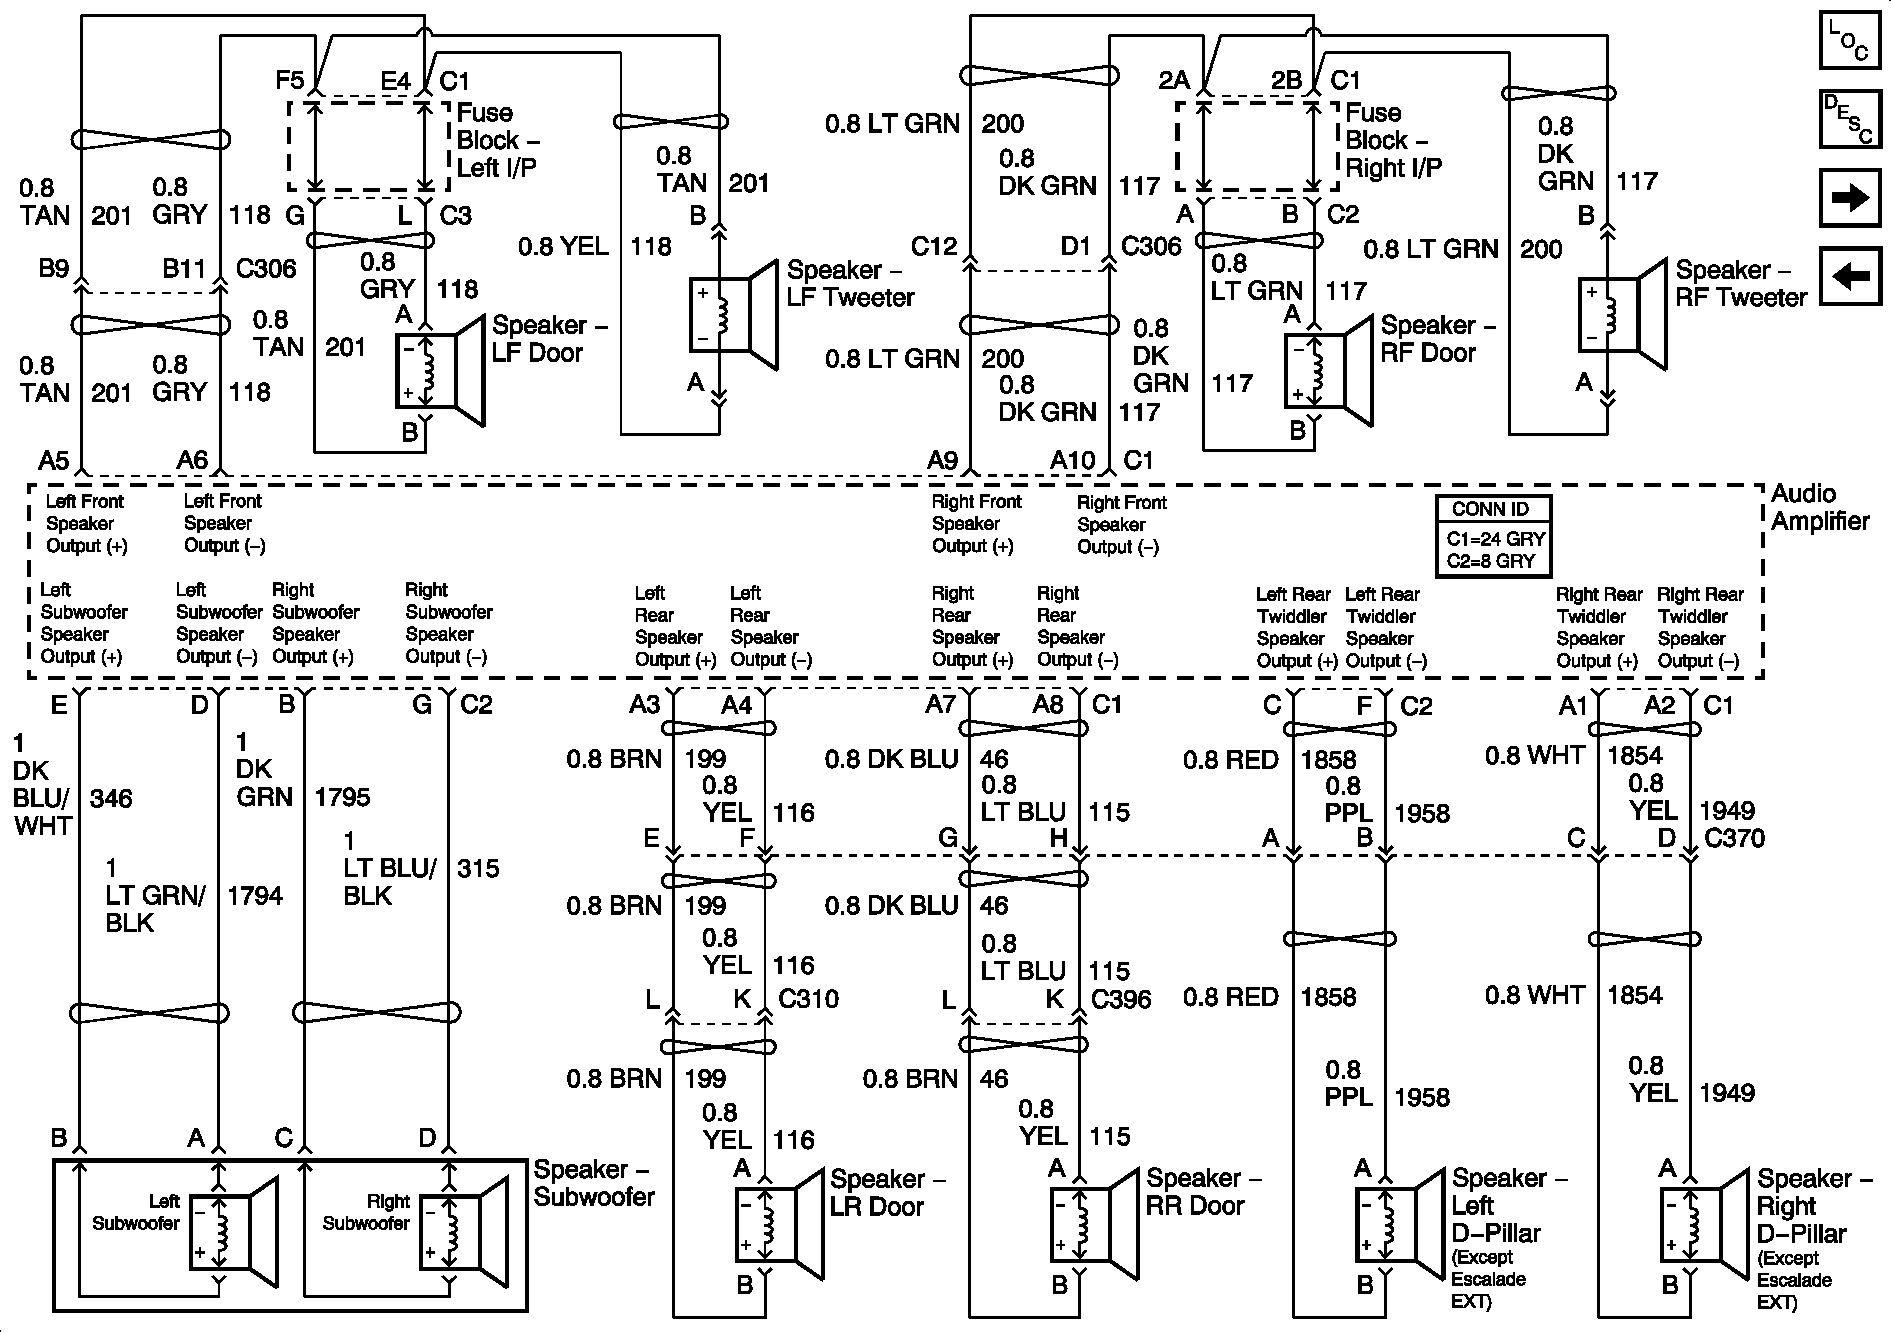 2004 Chevy Silverado Instrument Cluster Wiring Diagram Elegant In 2020 2004 Chevy Silverado Chevy Silverado 2003 Chevy Silverado